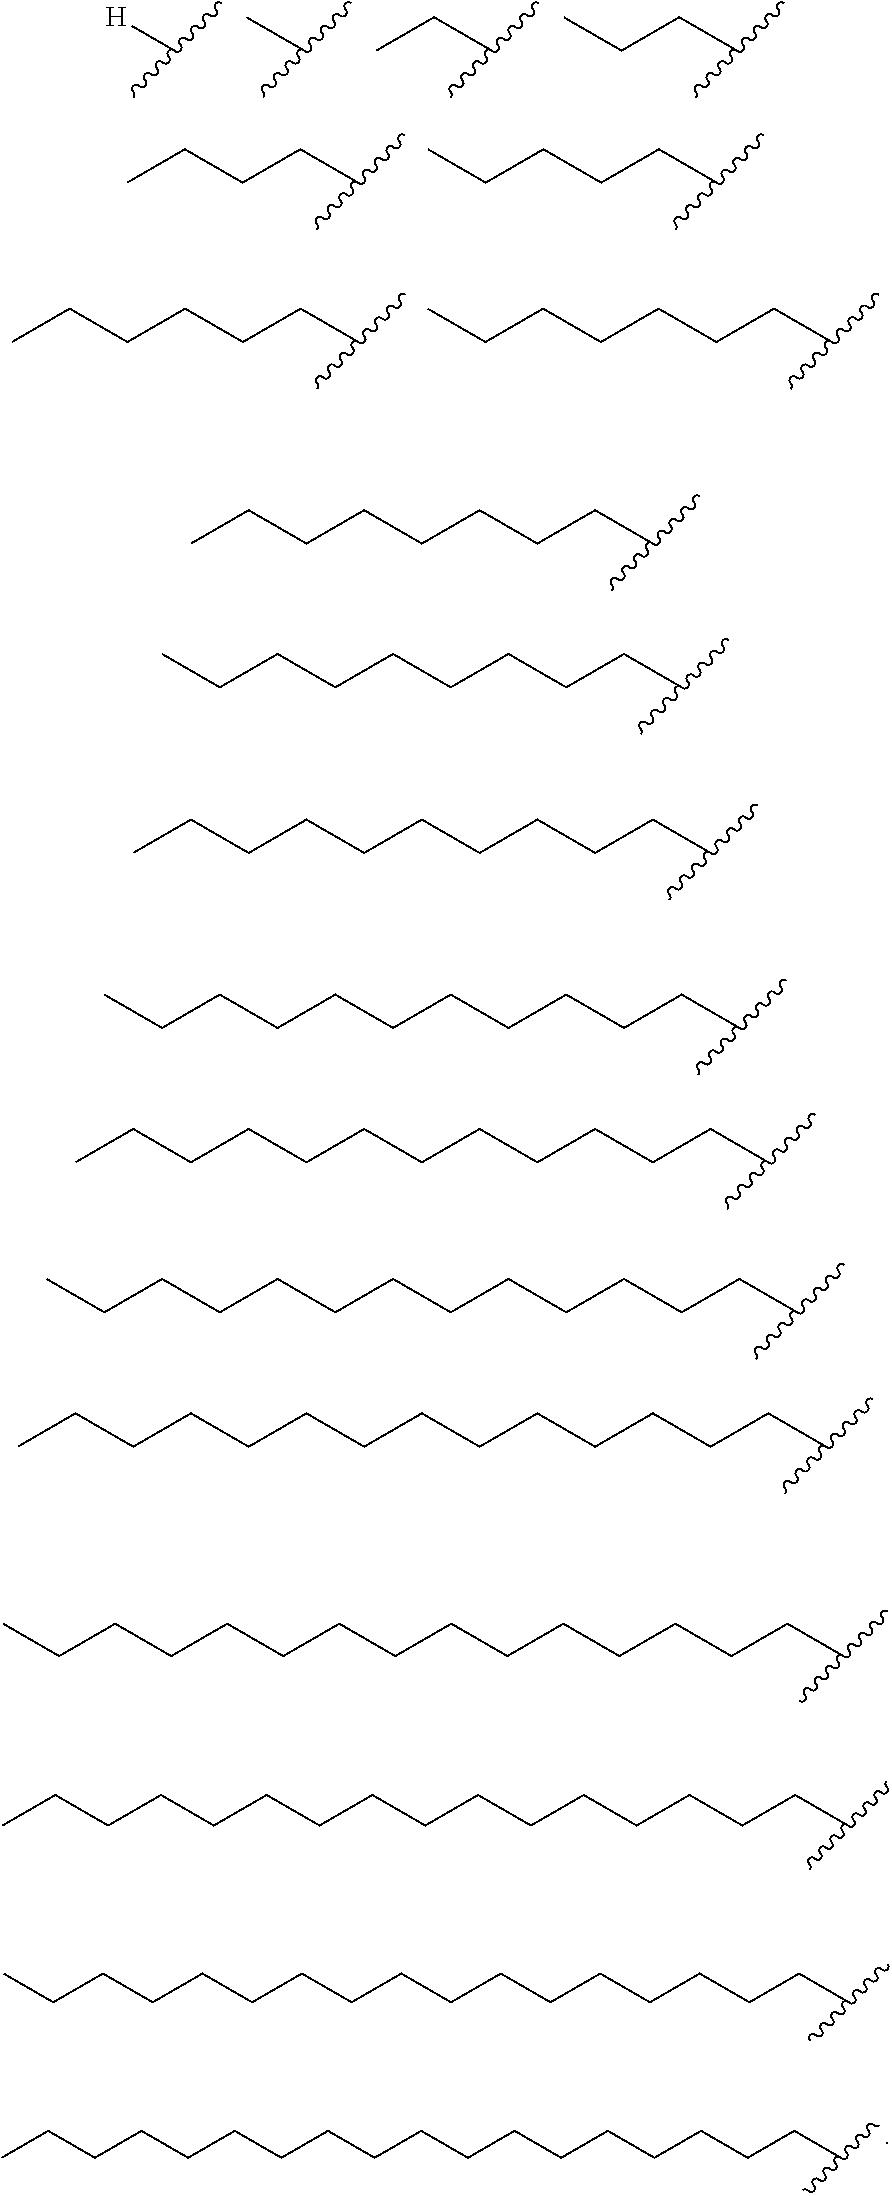 Figure US09193827-20151124-C00023